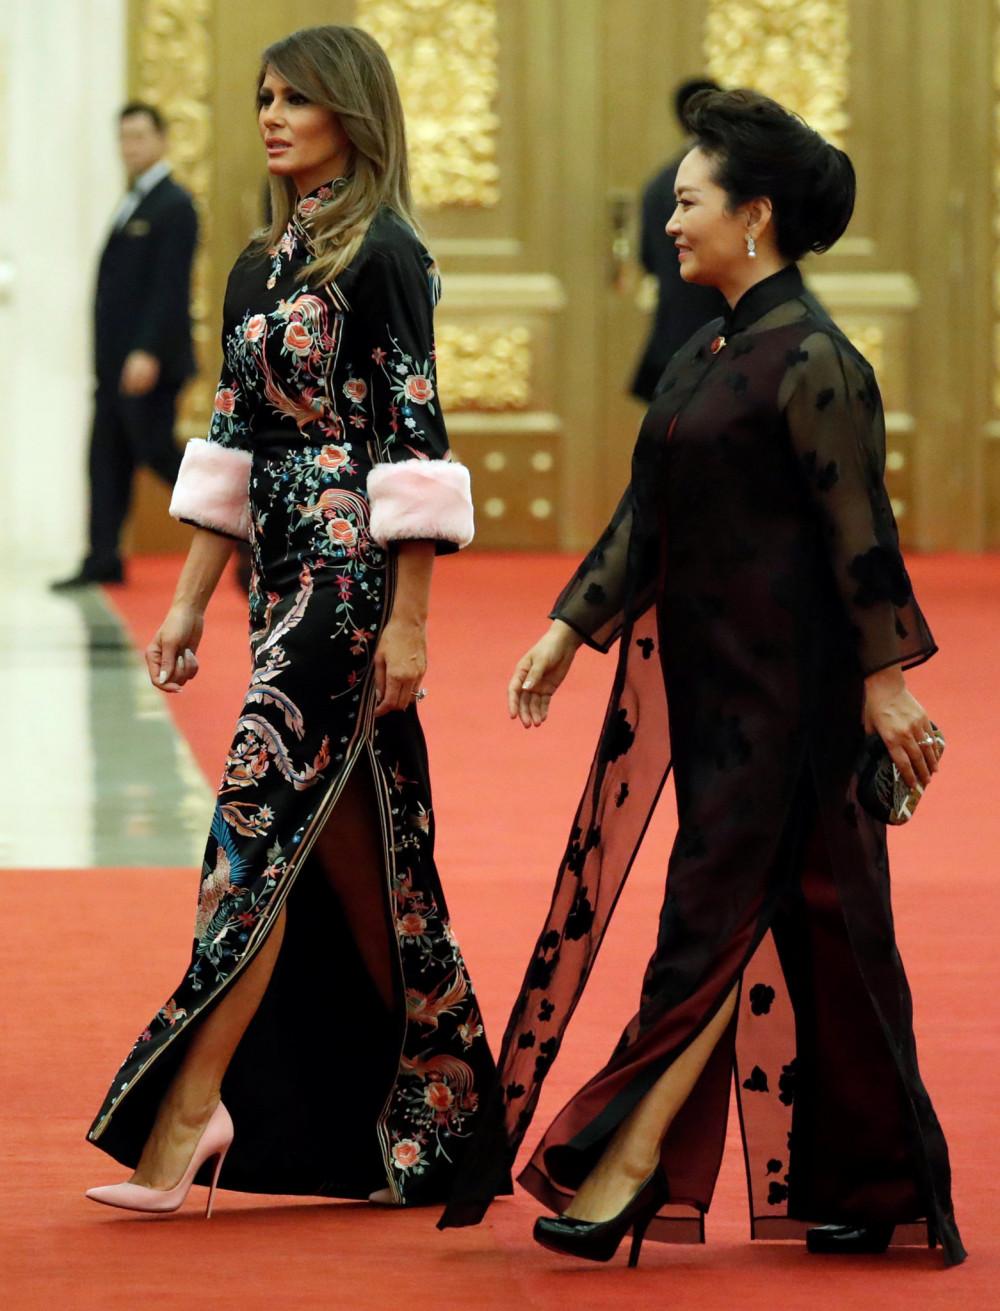 Melania Trump mặc một chiếc váy Gucci trong một bữa tối cấp nhà nước tại Đại lễ đường Nhân dân ở Bắc Kinh năm 2017. Ảnh: Reuter